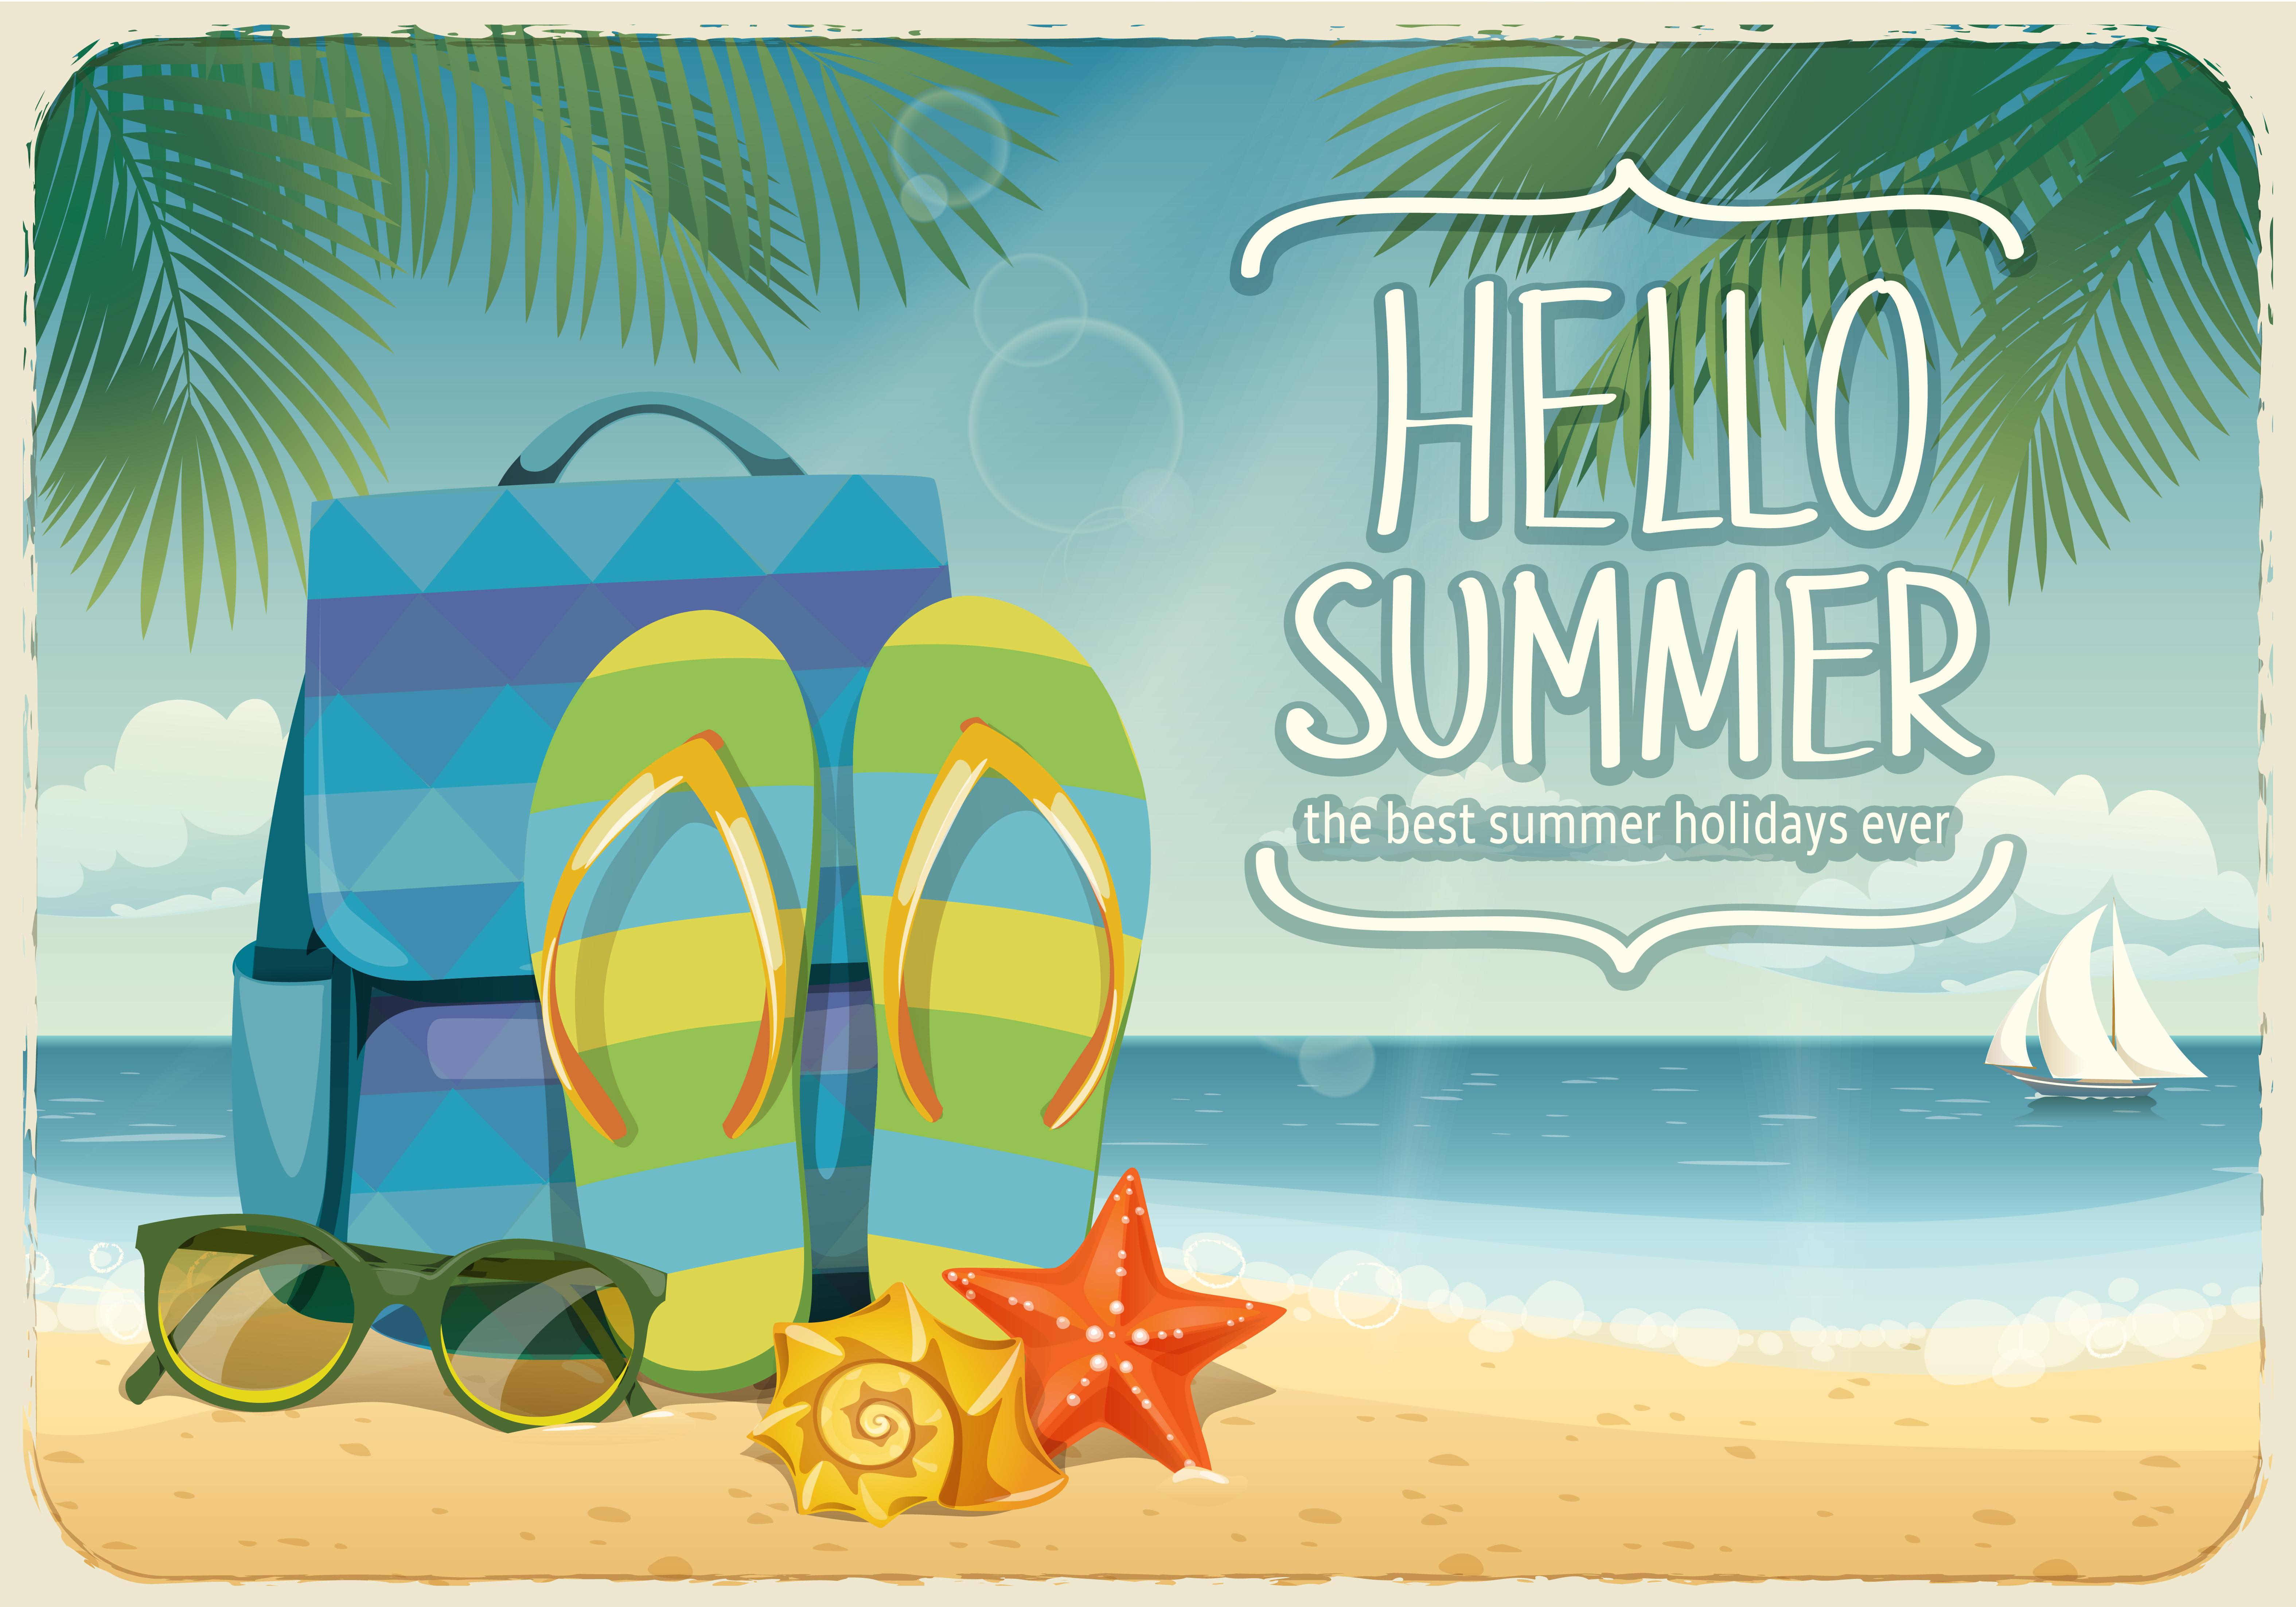 shutterstock_summer-image-beach